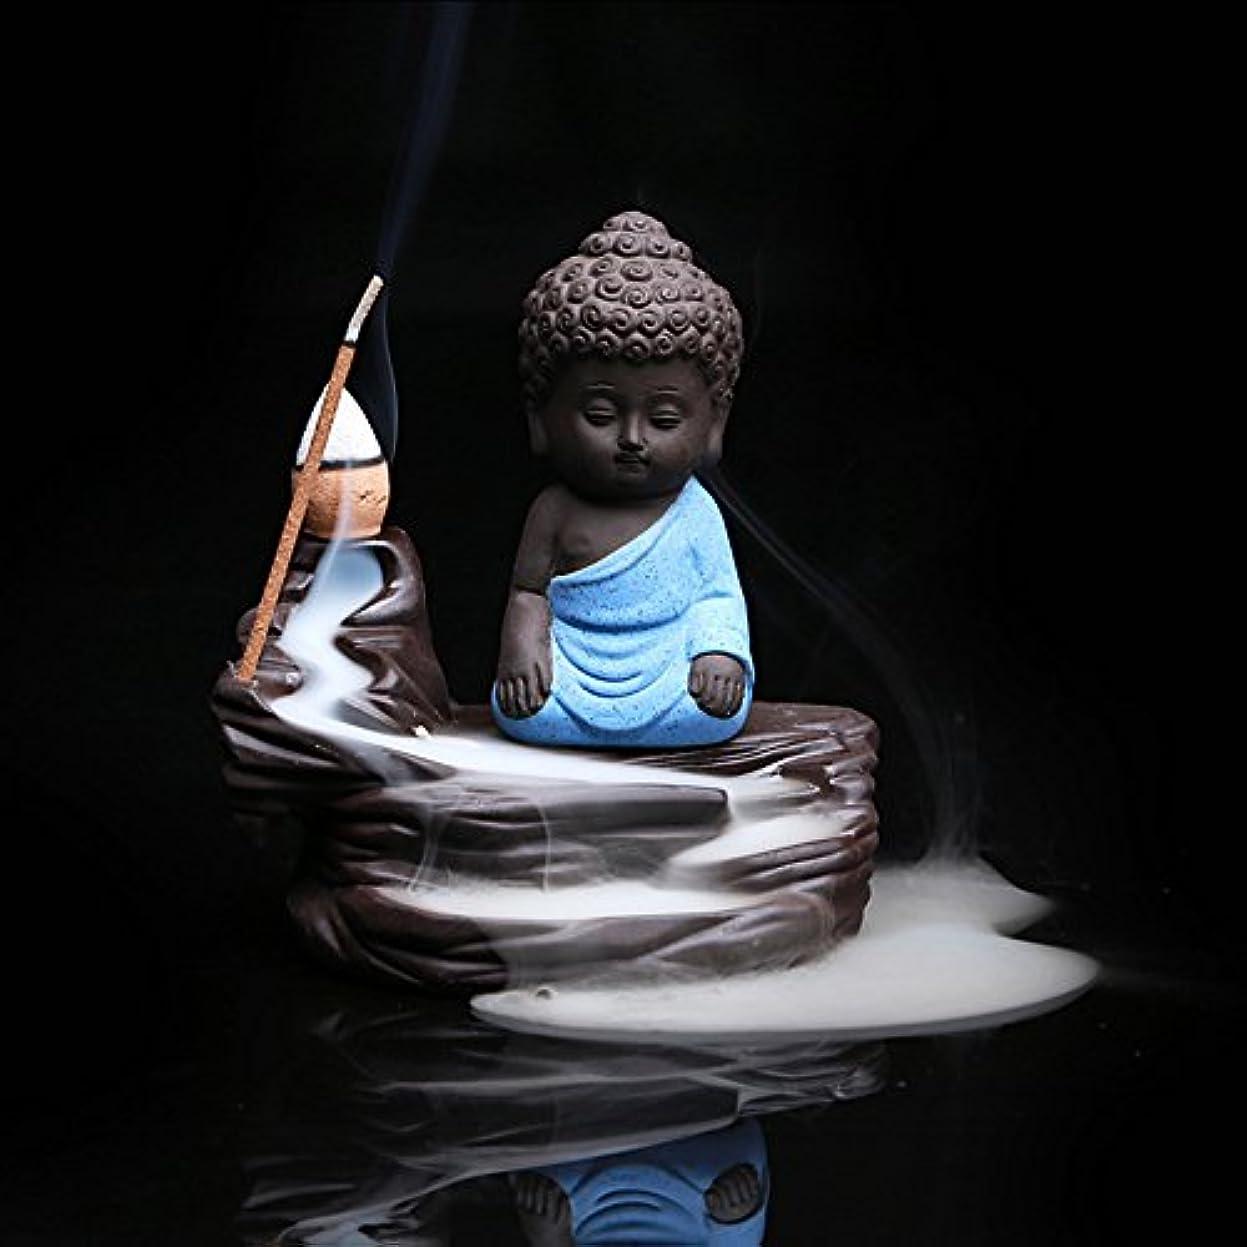 異邦人酸度触覚Zehuiホームデコレーションクリエイティブ逆流香炉コーンスティックホルダーSmall Buddhaセラミック香炉ホーム装飾 ブルー mhy-ZJ1204-jj125